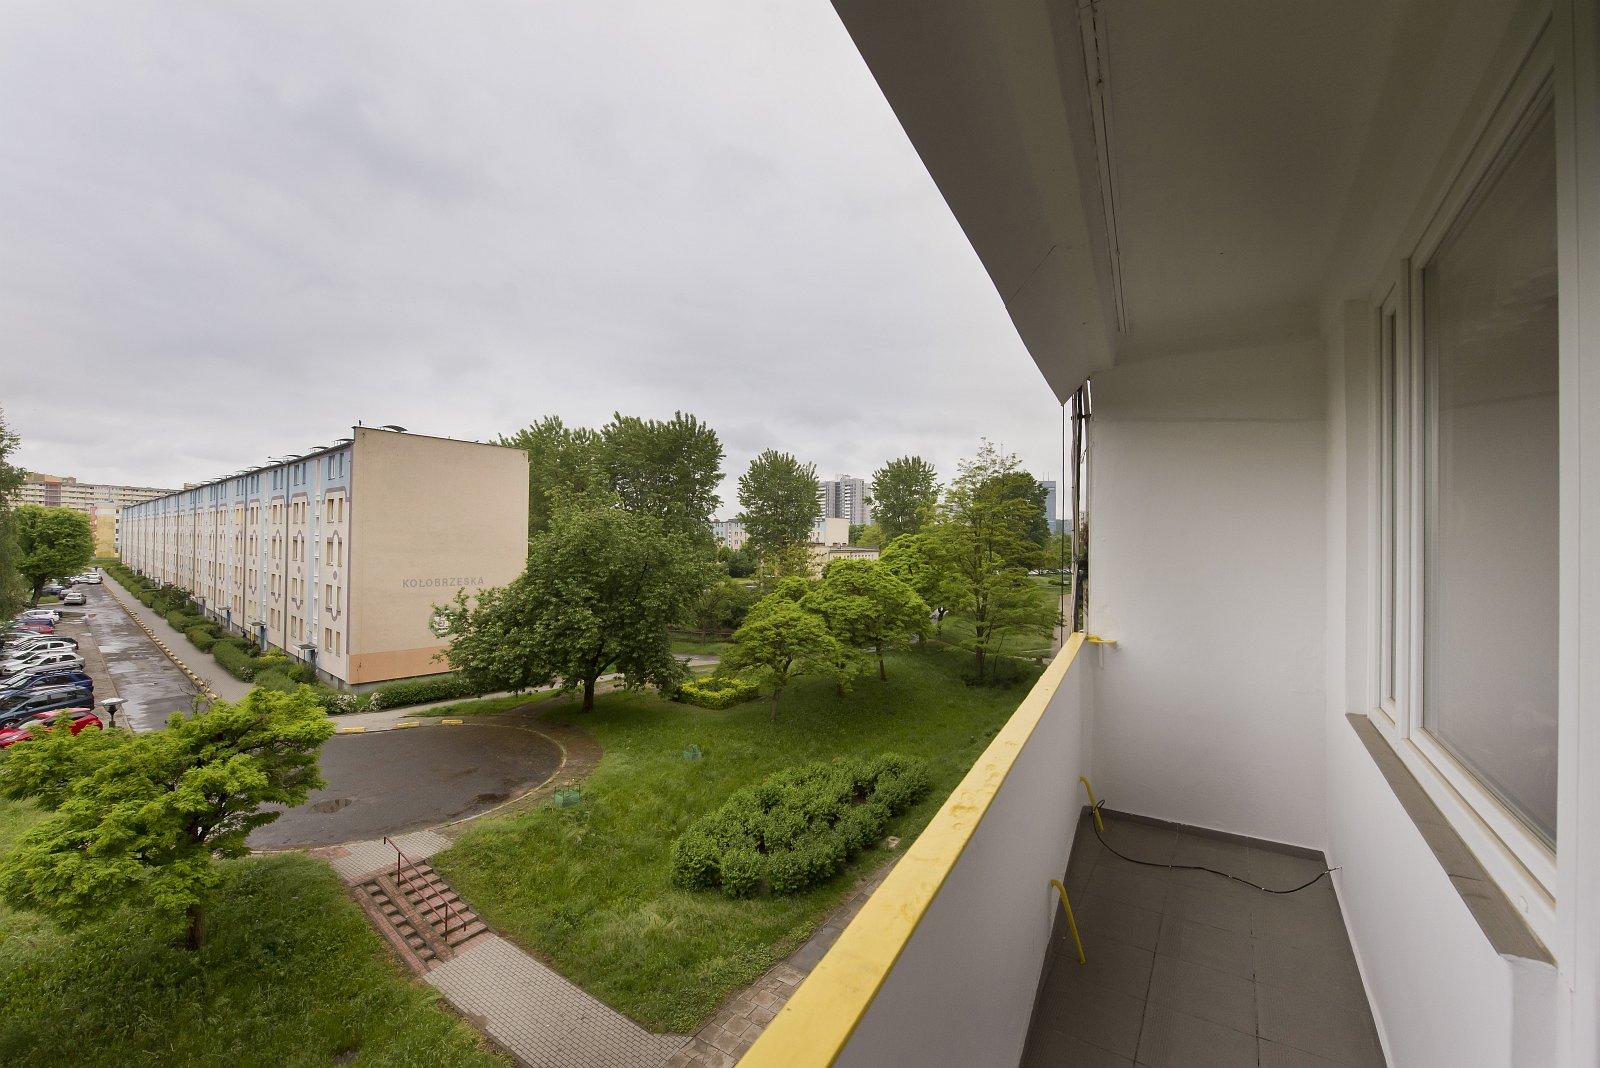 mieszkanie-wynajem-gdansk-ow6-05-02web